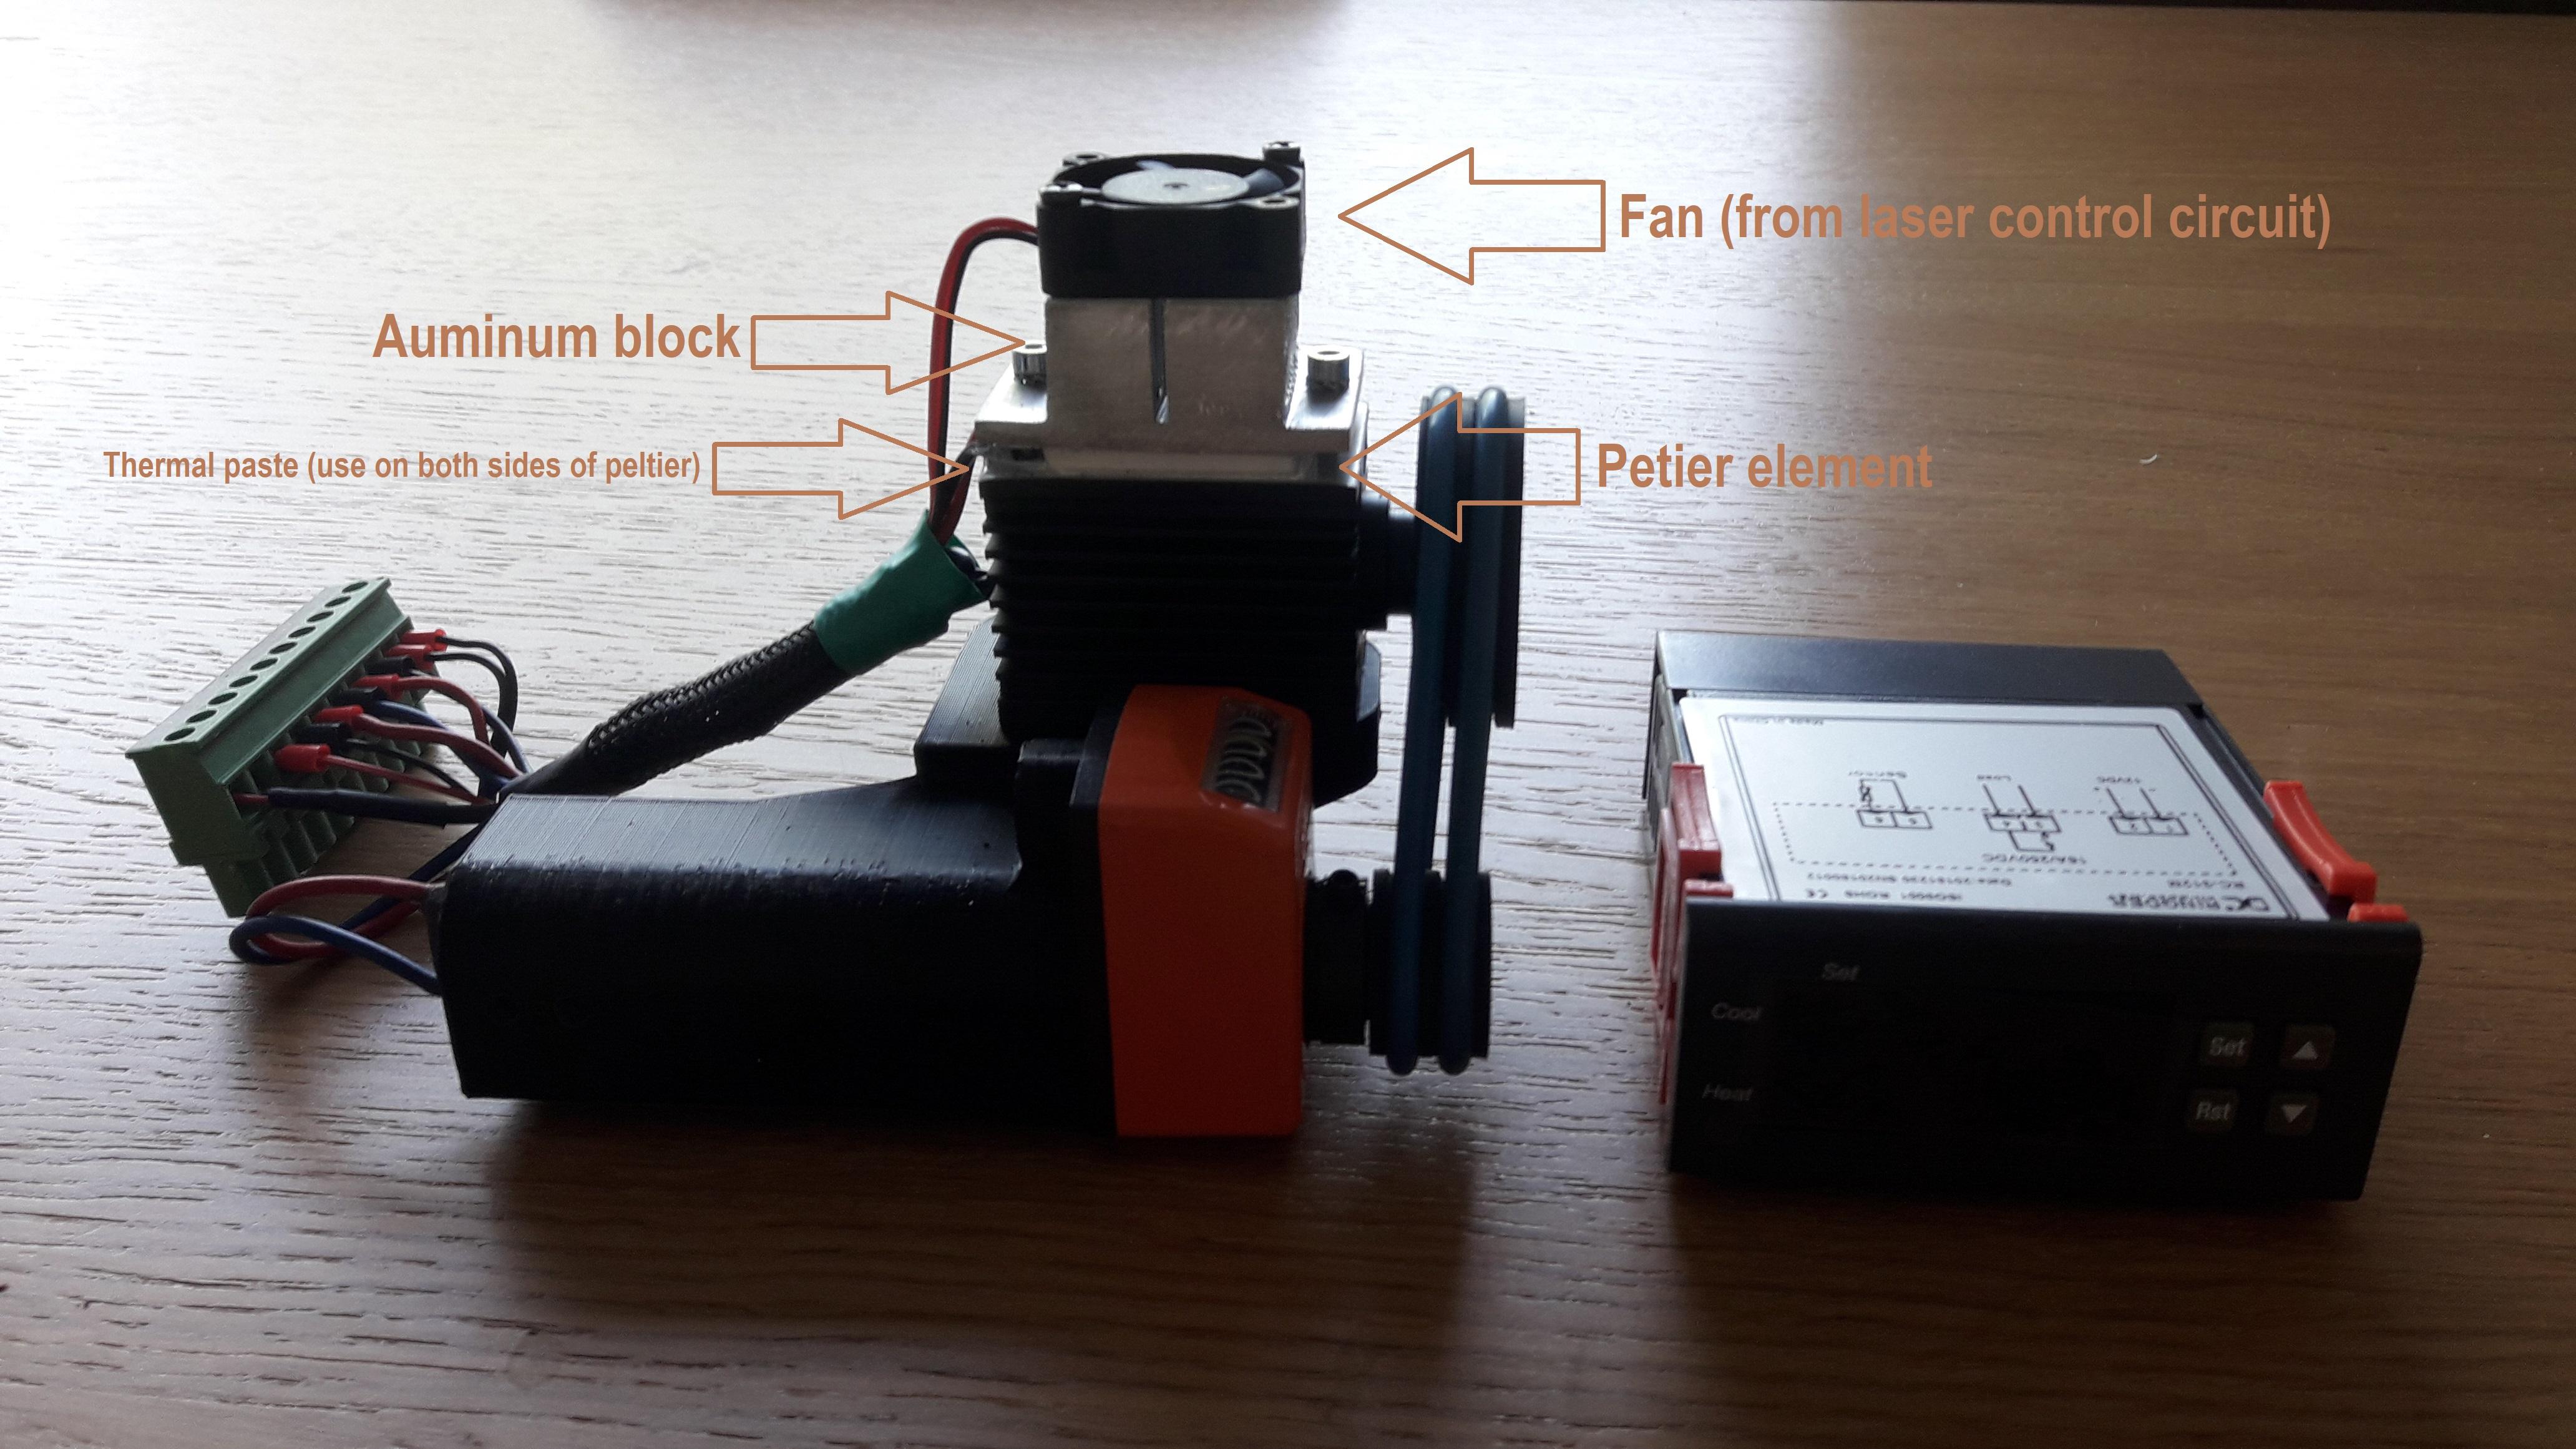 Add a temperature sensor · Issue #673 · arkypita/LaserGRBL